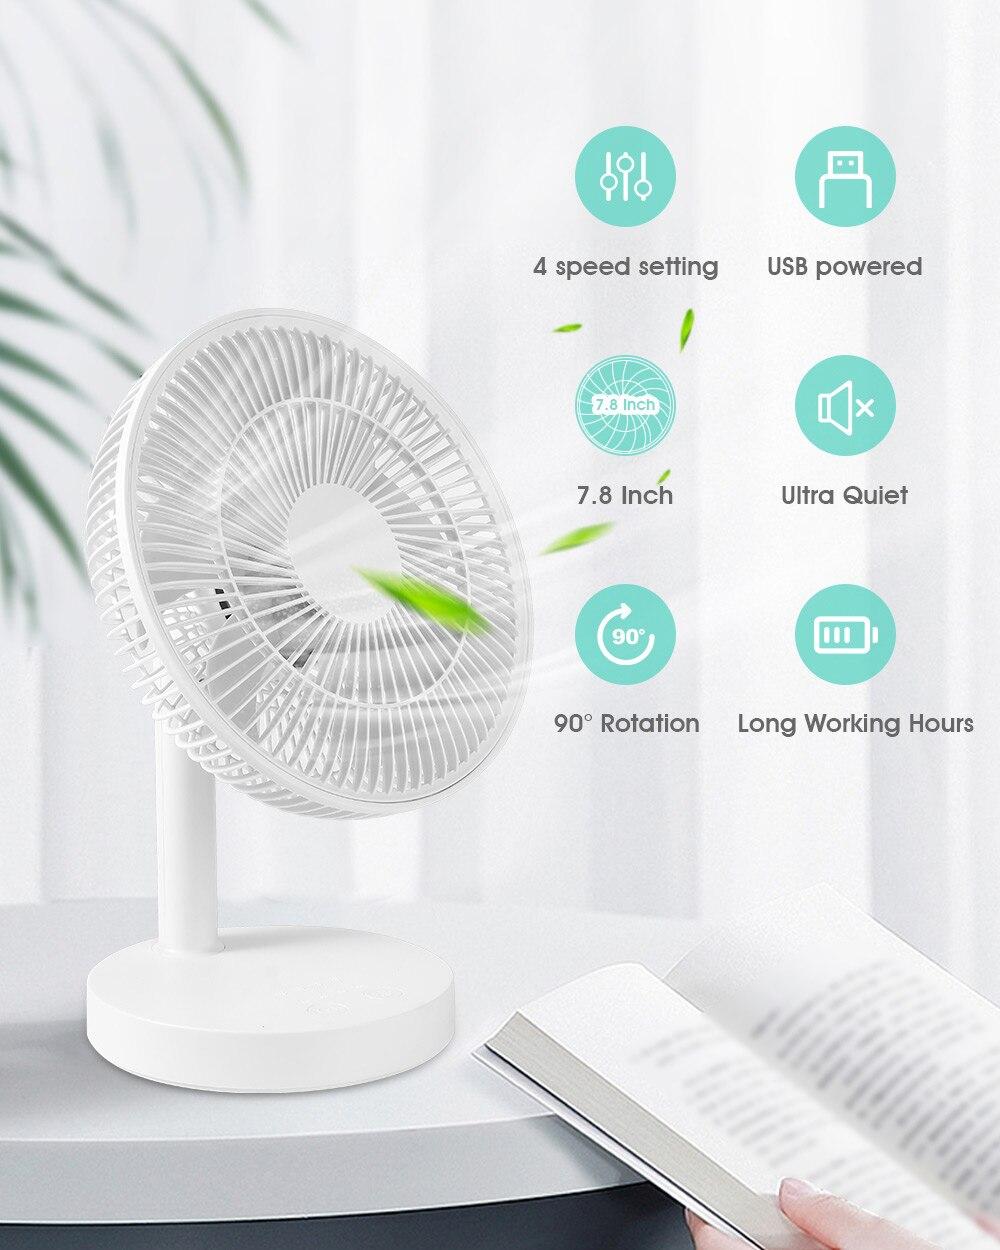 Настольный мини-вентилятор KASYDoFF с функциями охлаждение, охлаждение, портативный, USB, для дома, офиса, спальни, 4 скорости